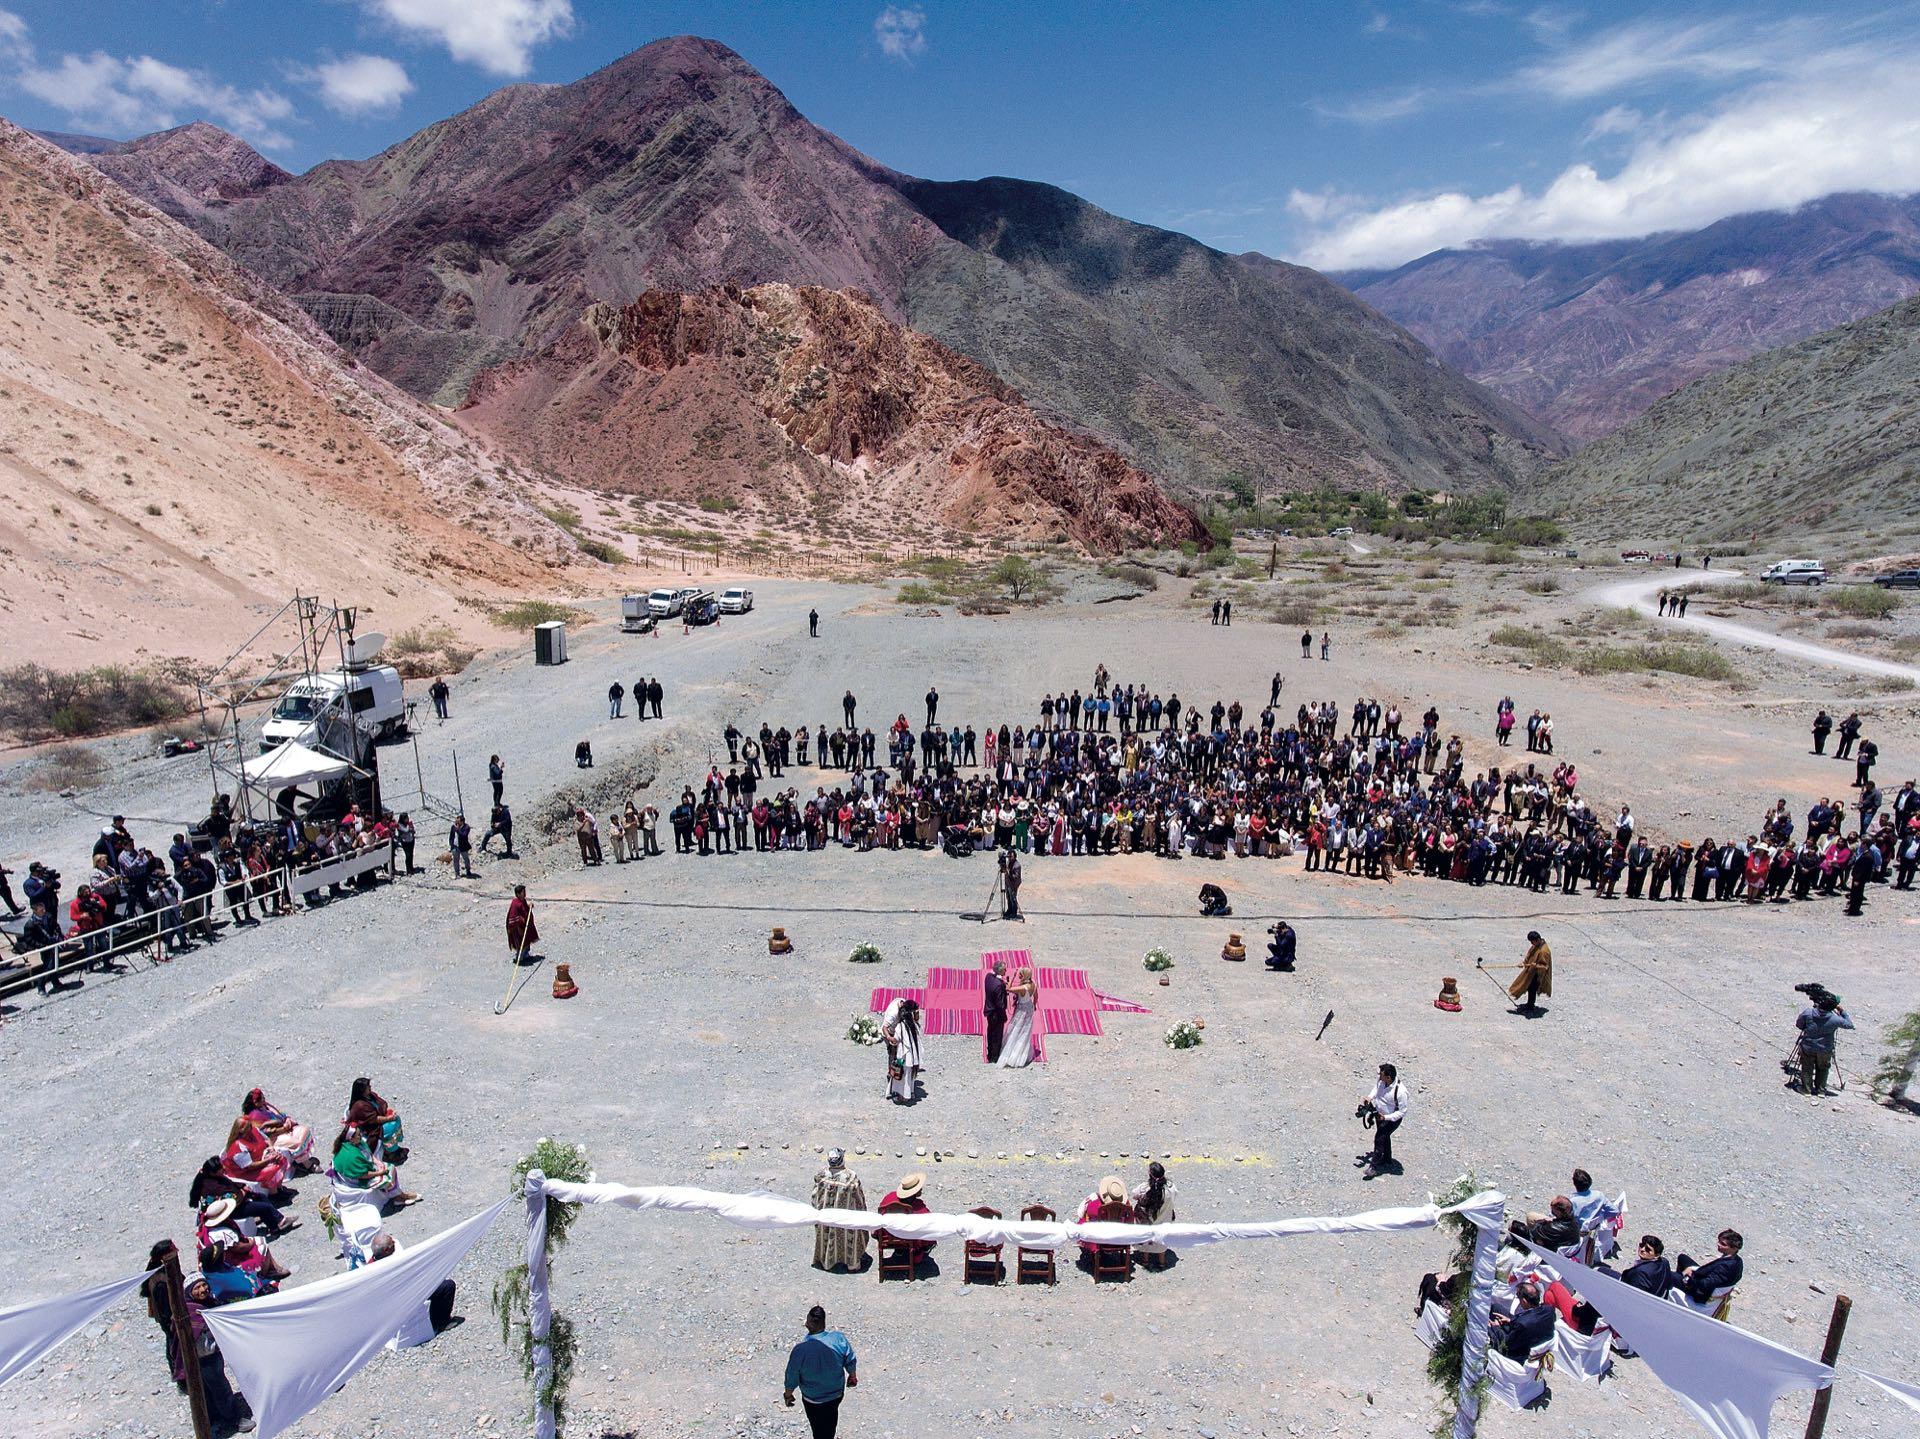 La ceremonia tuvo lugar al pie del cerro Los Colorados, en Purmamarca, con la cruz Chakana en el centro. Hubo una ofrenda a la Pachamama para pedirle protección para la pareja. Cada uno de los presentes dejó un mechón de pelo para acompañar con energía el ritual.